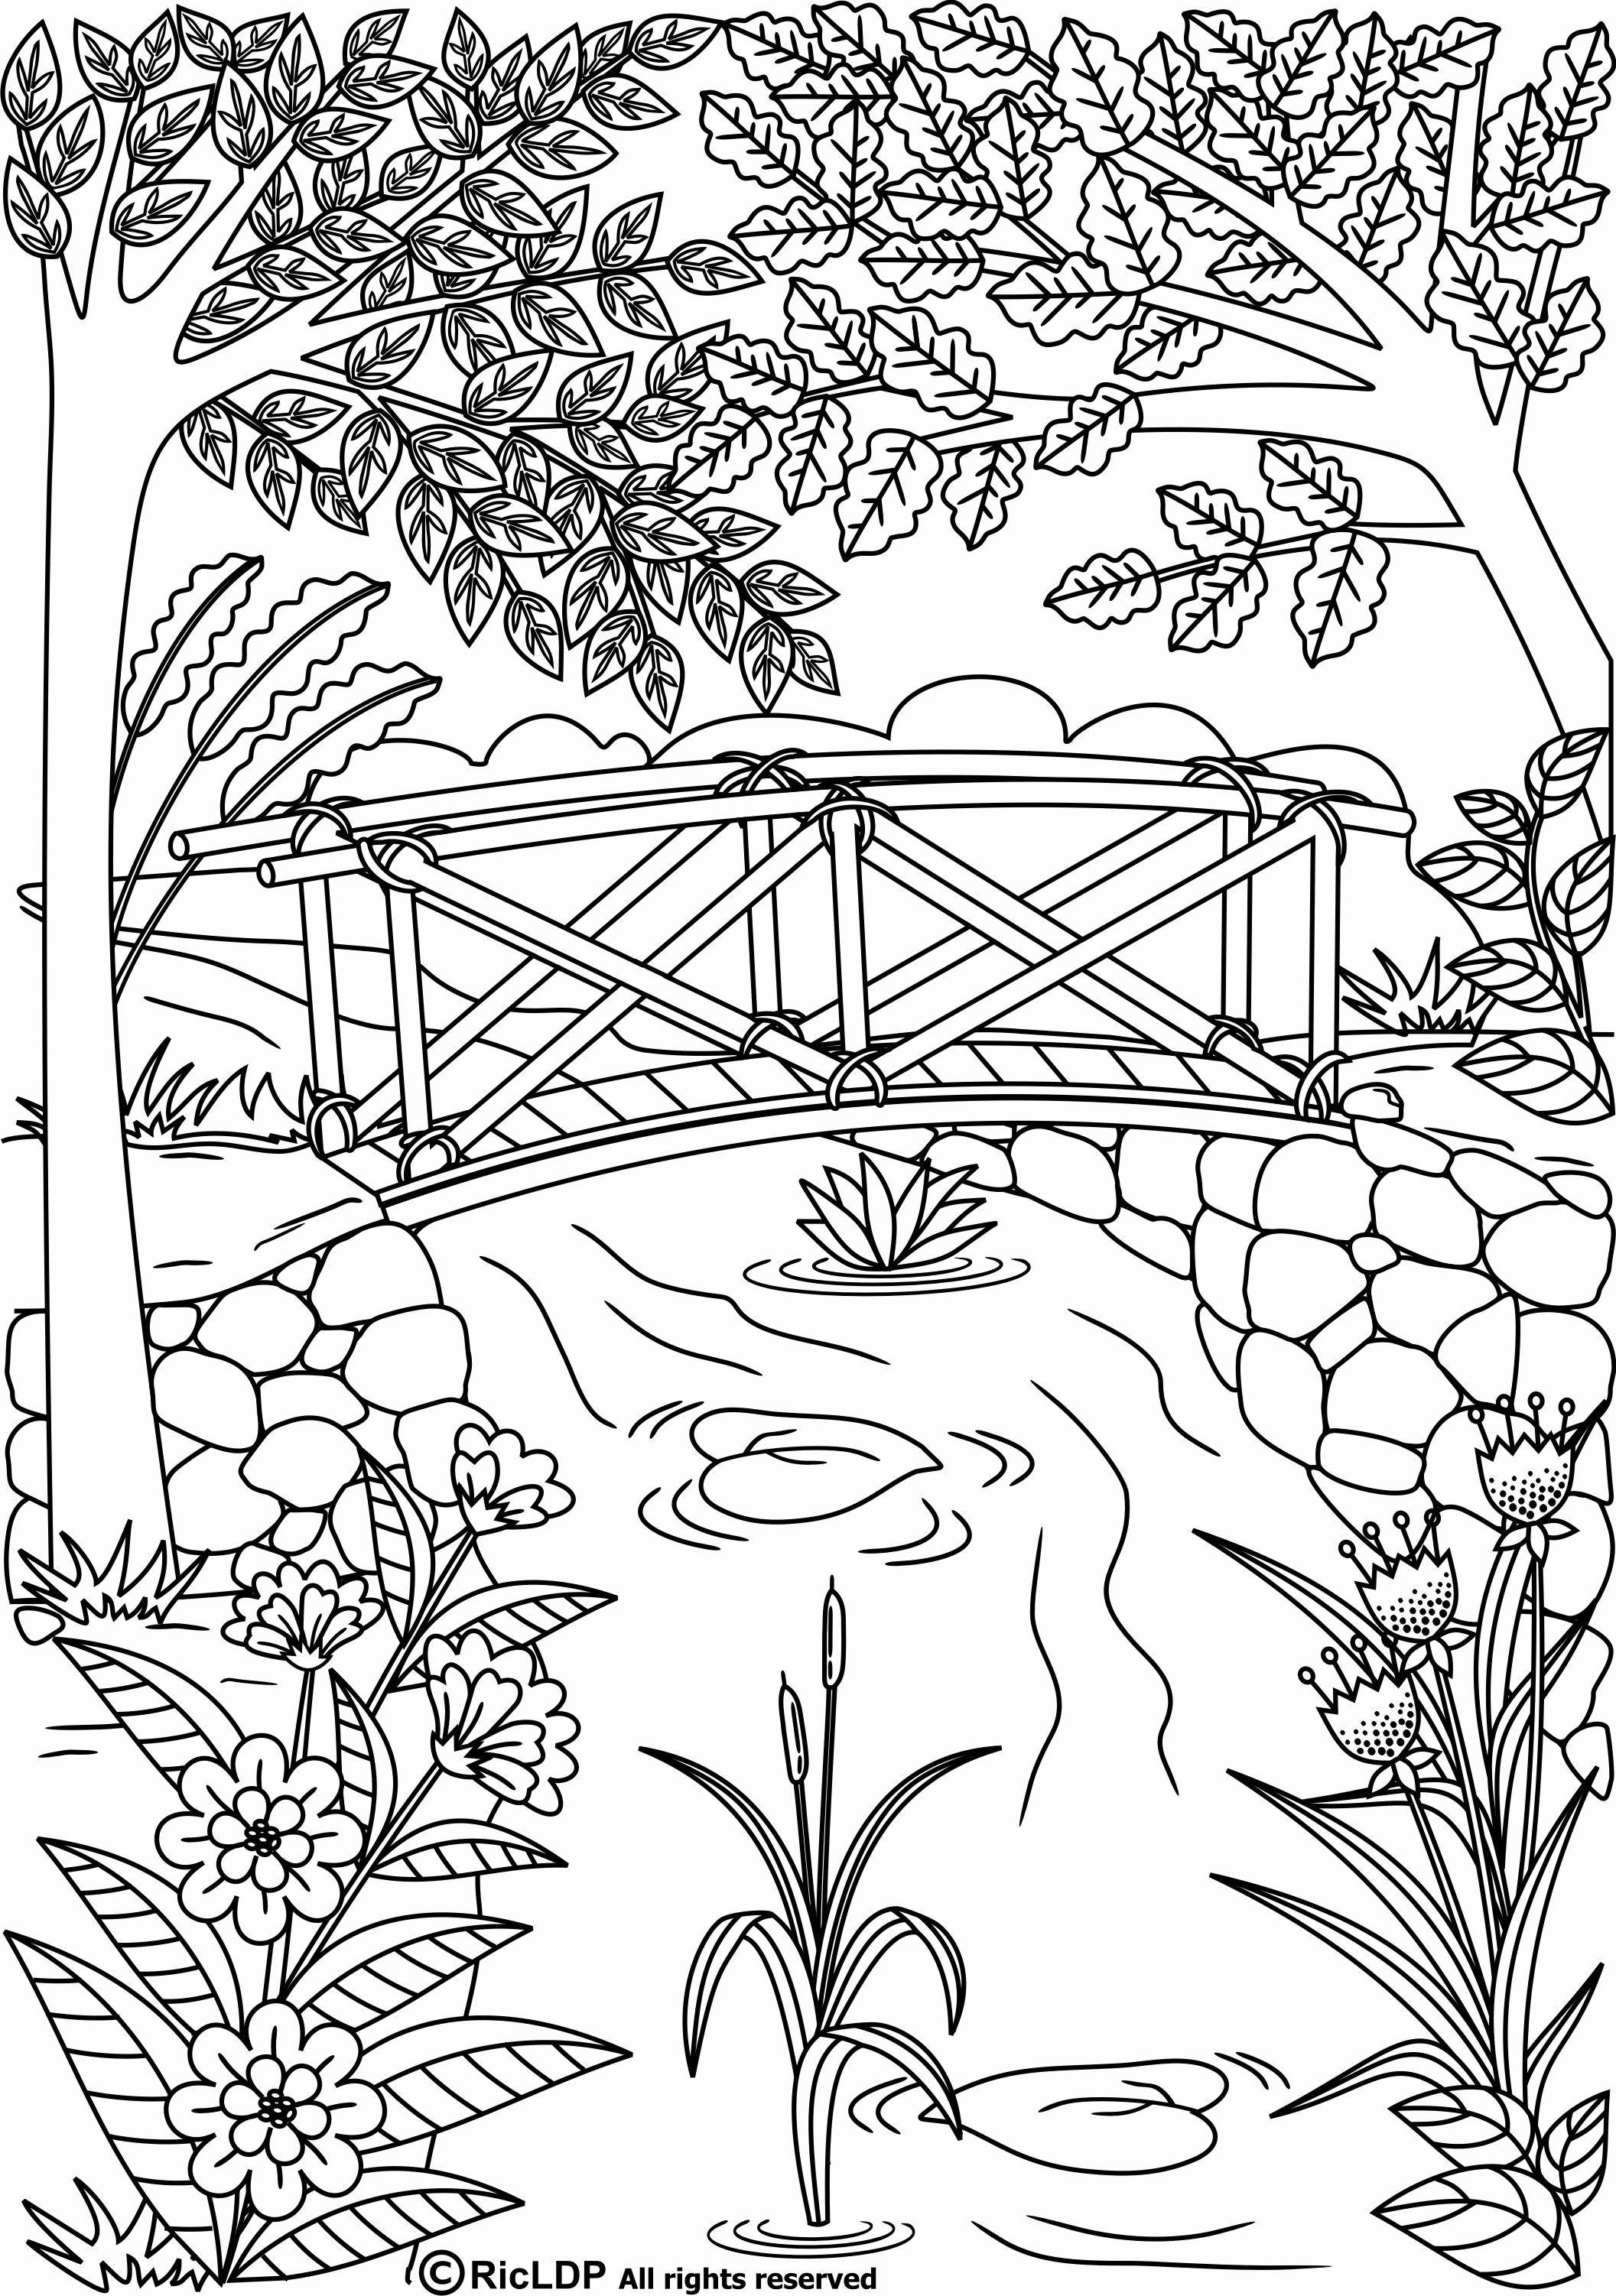 Coloring Books For Grownups Beautiful Twenty Coloring Pages For Grown Ups Paginas Para Colorir Para Adultos Folhas Para Colorir Desenhos Para Colorir